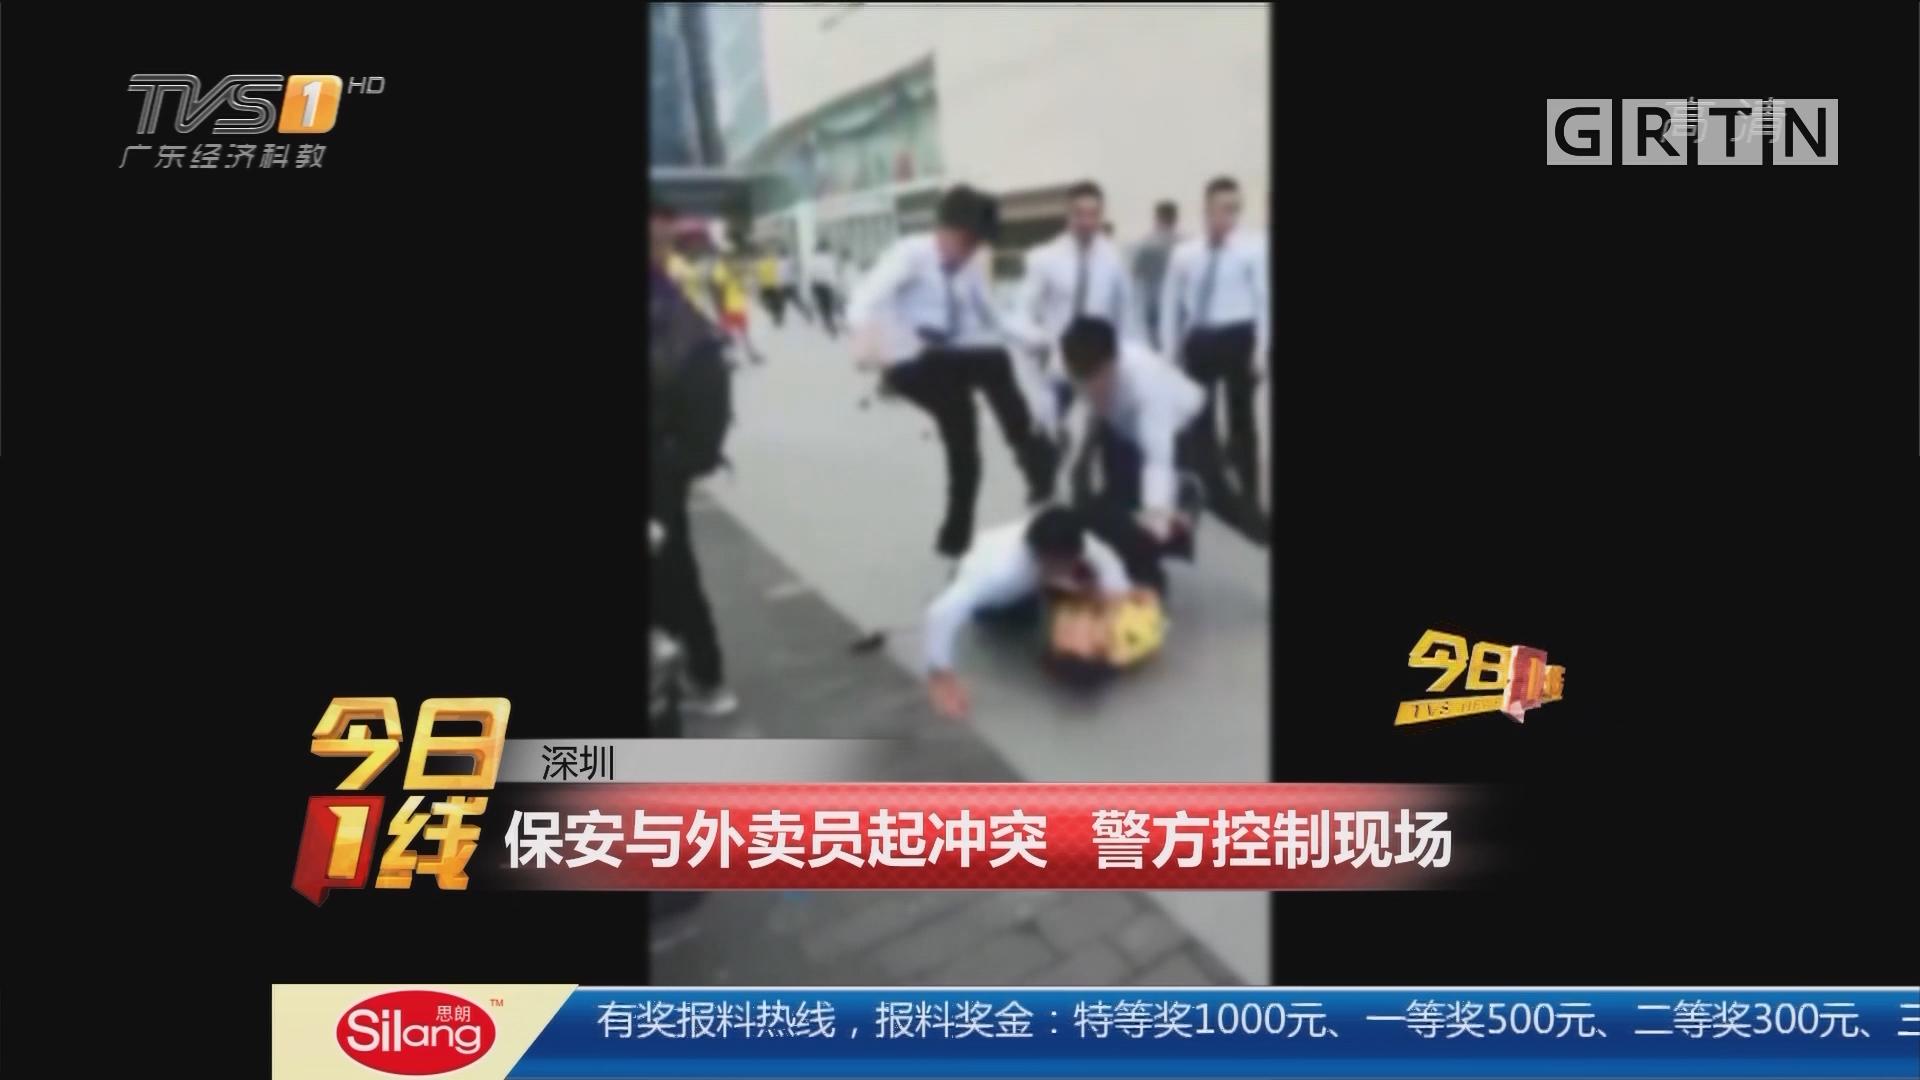 深圳:保安与外卖员起冲突 警方控制现场